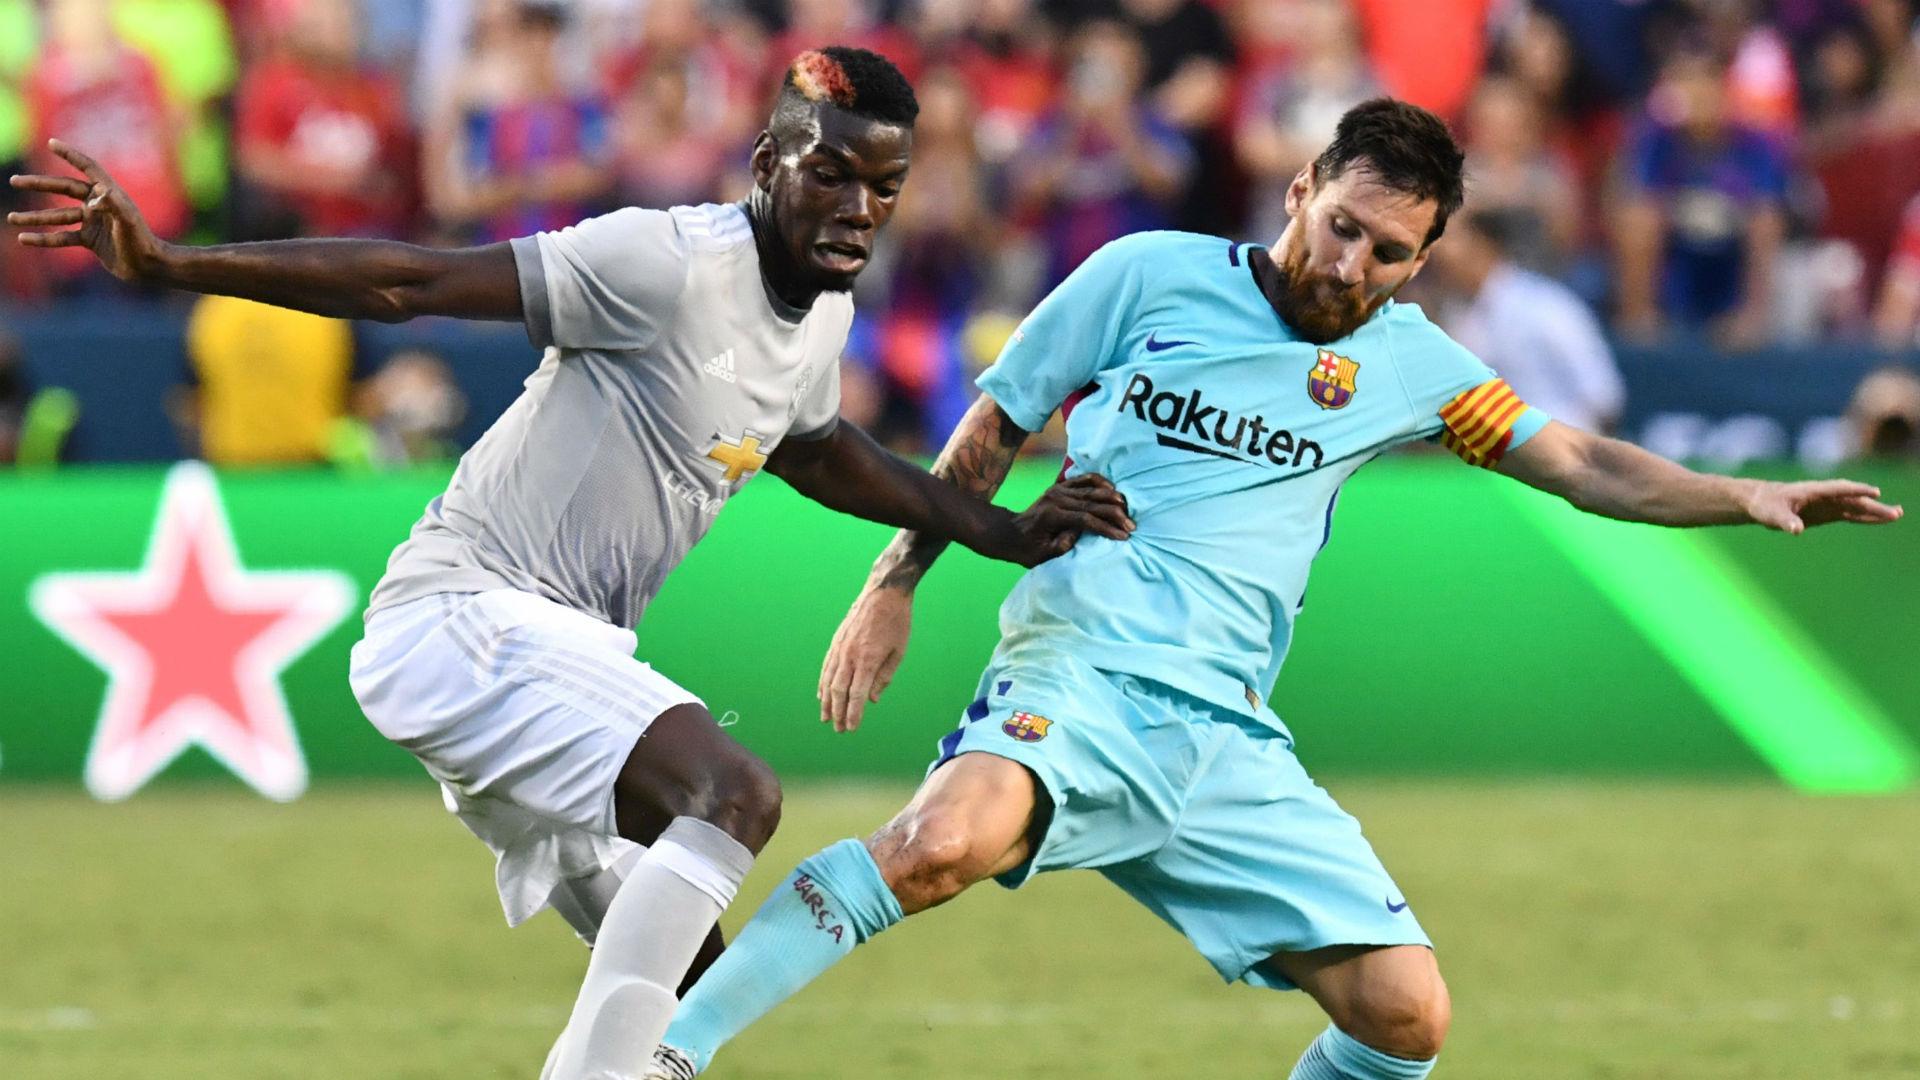 Paul Pogba Lionel Messi Barcelona Manchester United ICC